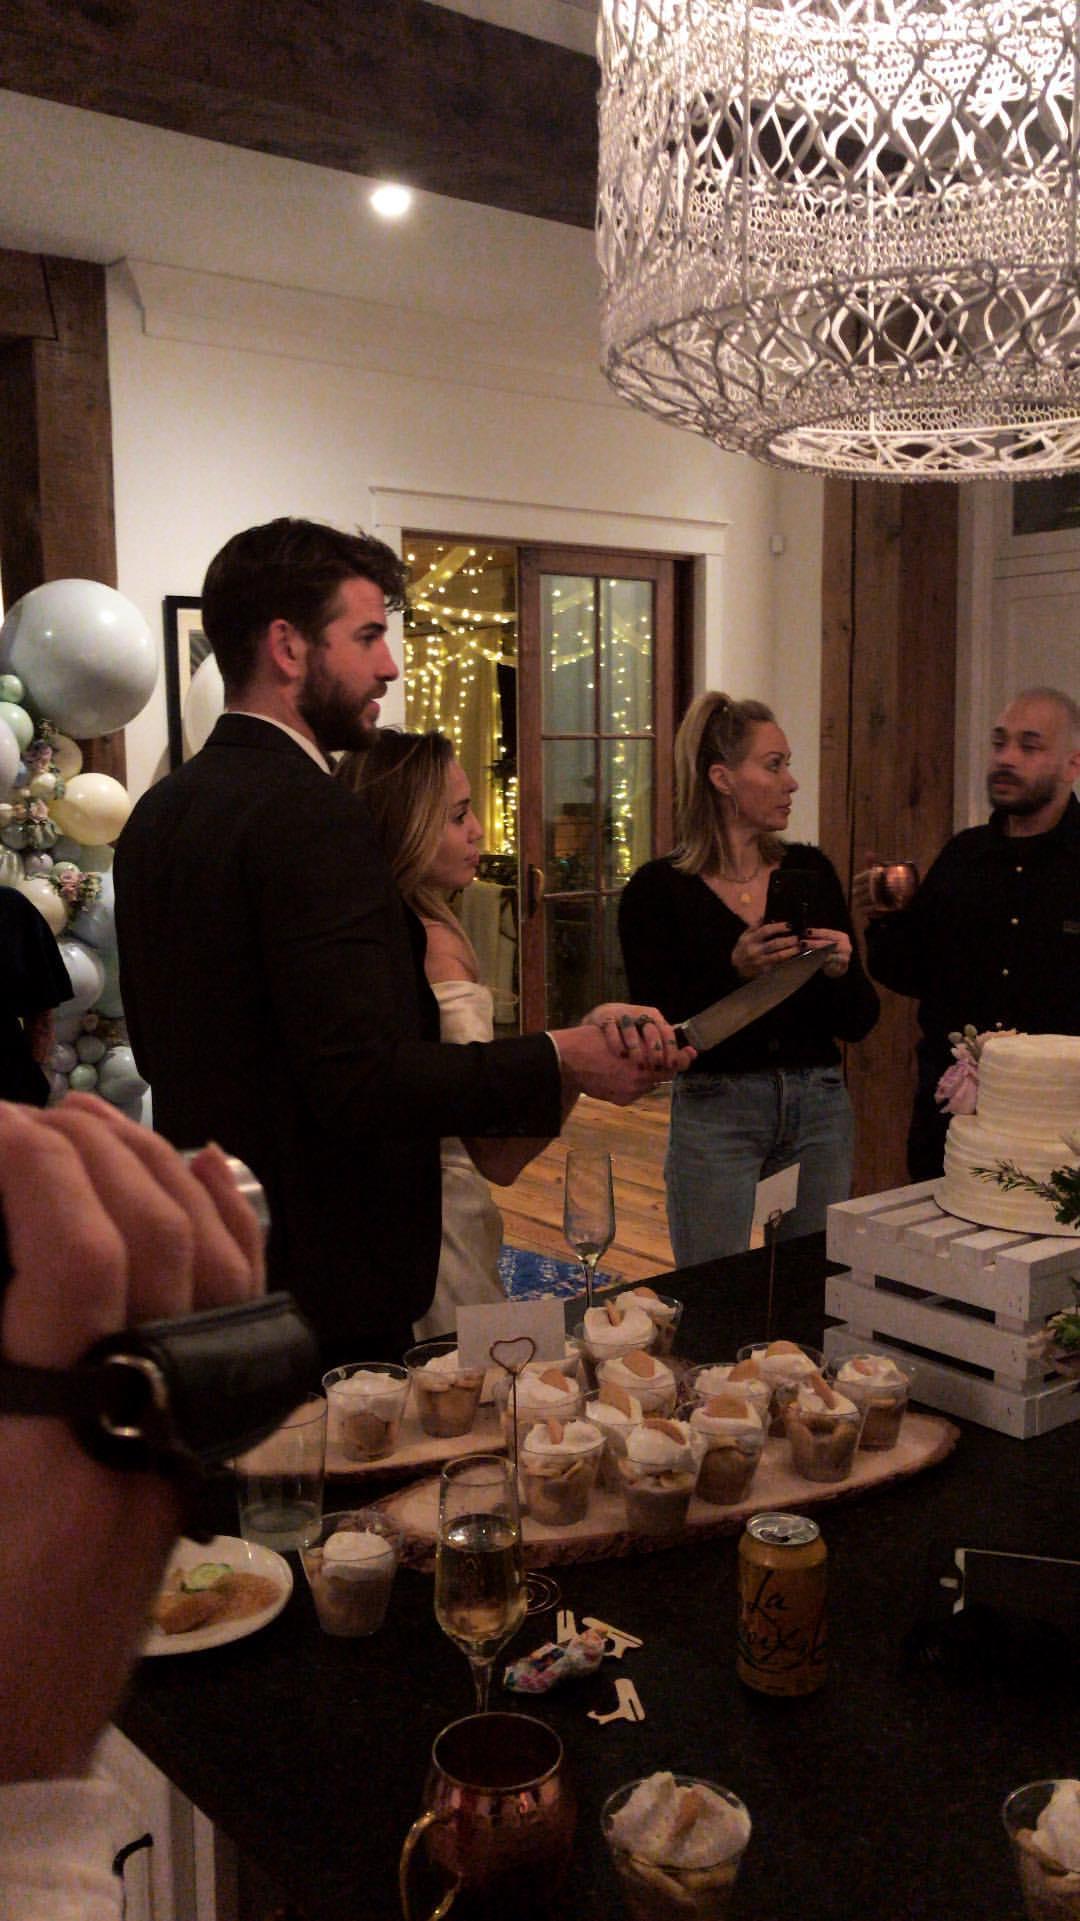 ¿Se casaron o no? Los videos que podrían delatar la boda de Miley Cyrus y Liam Hemsworth